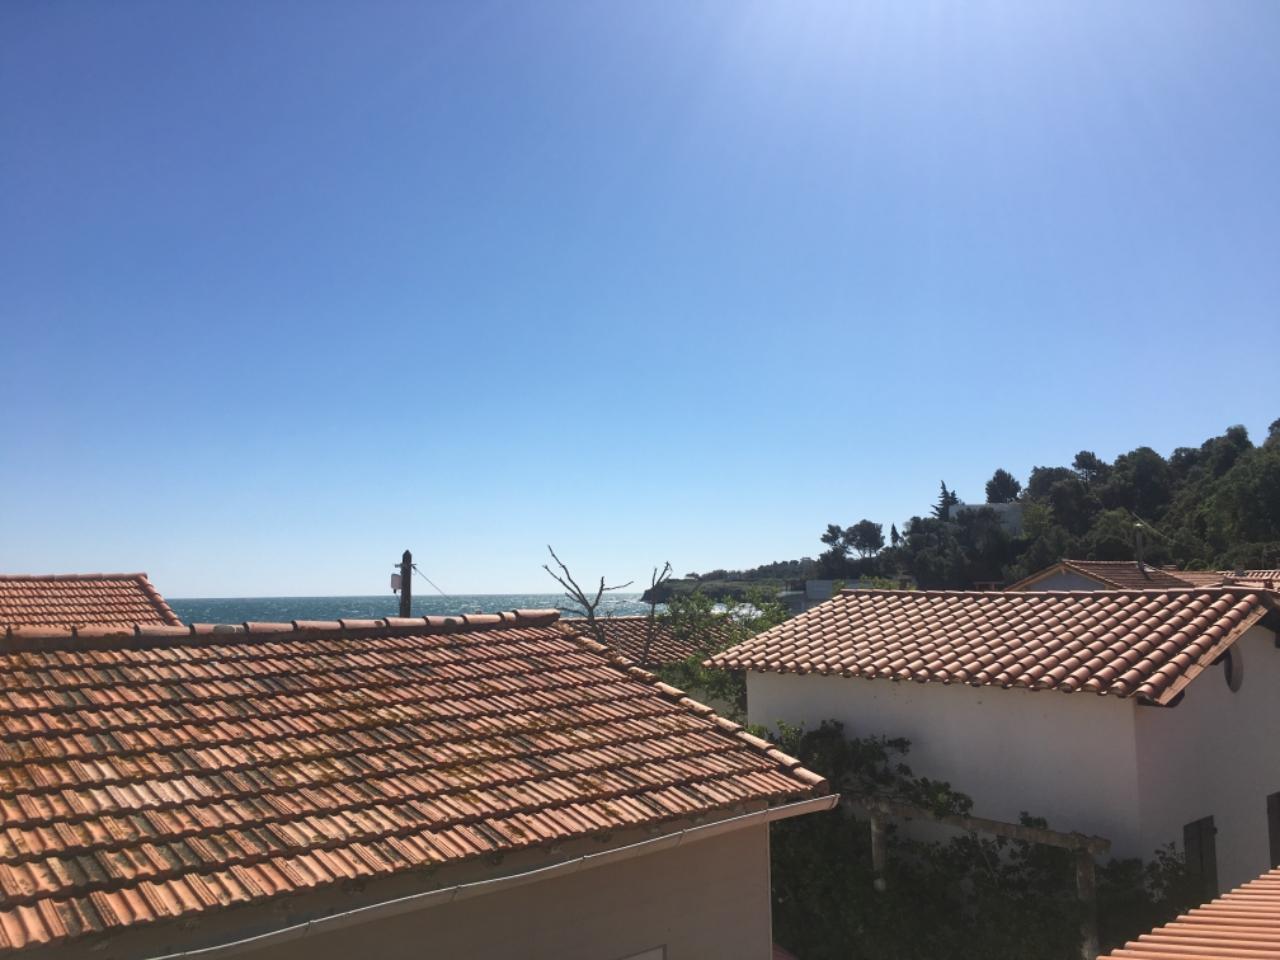 Photo 3: Visiter le Racou à Argeles sur mer